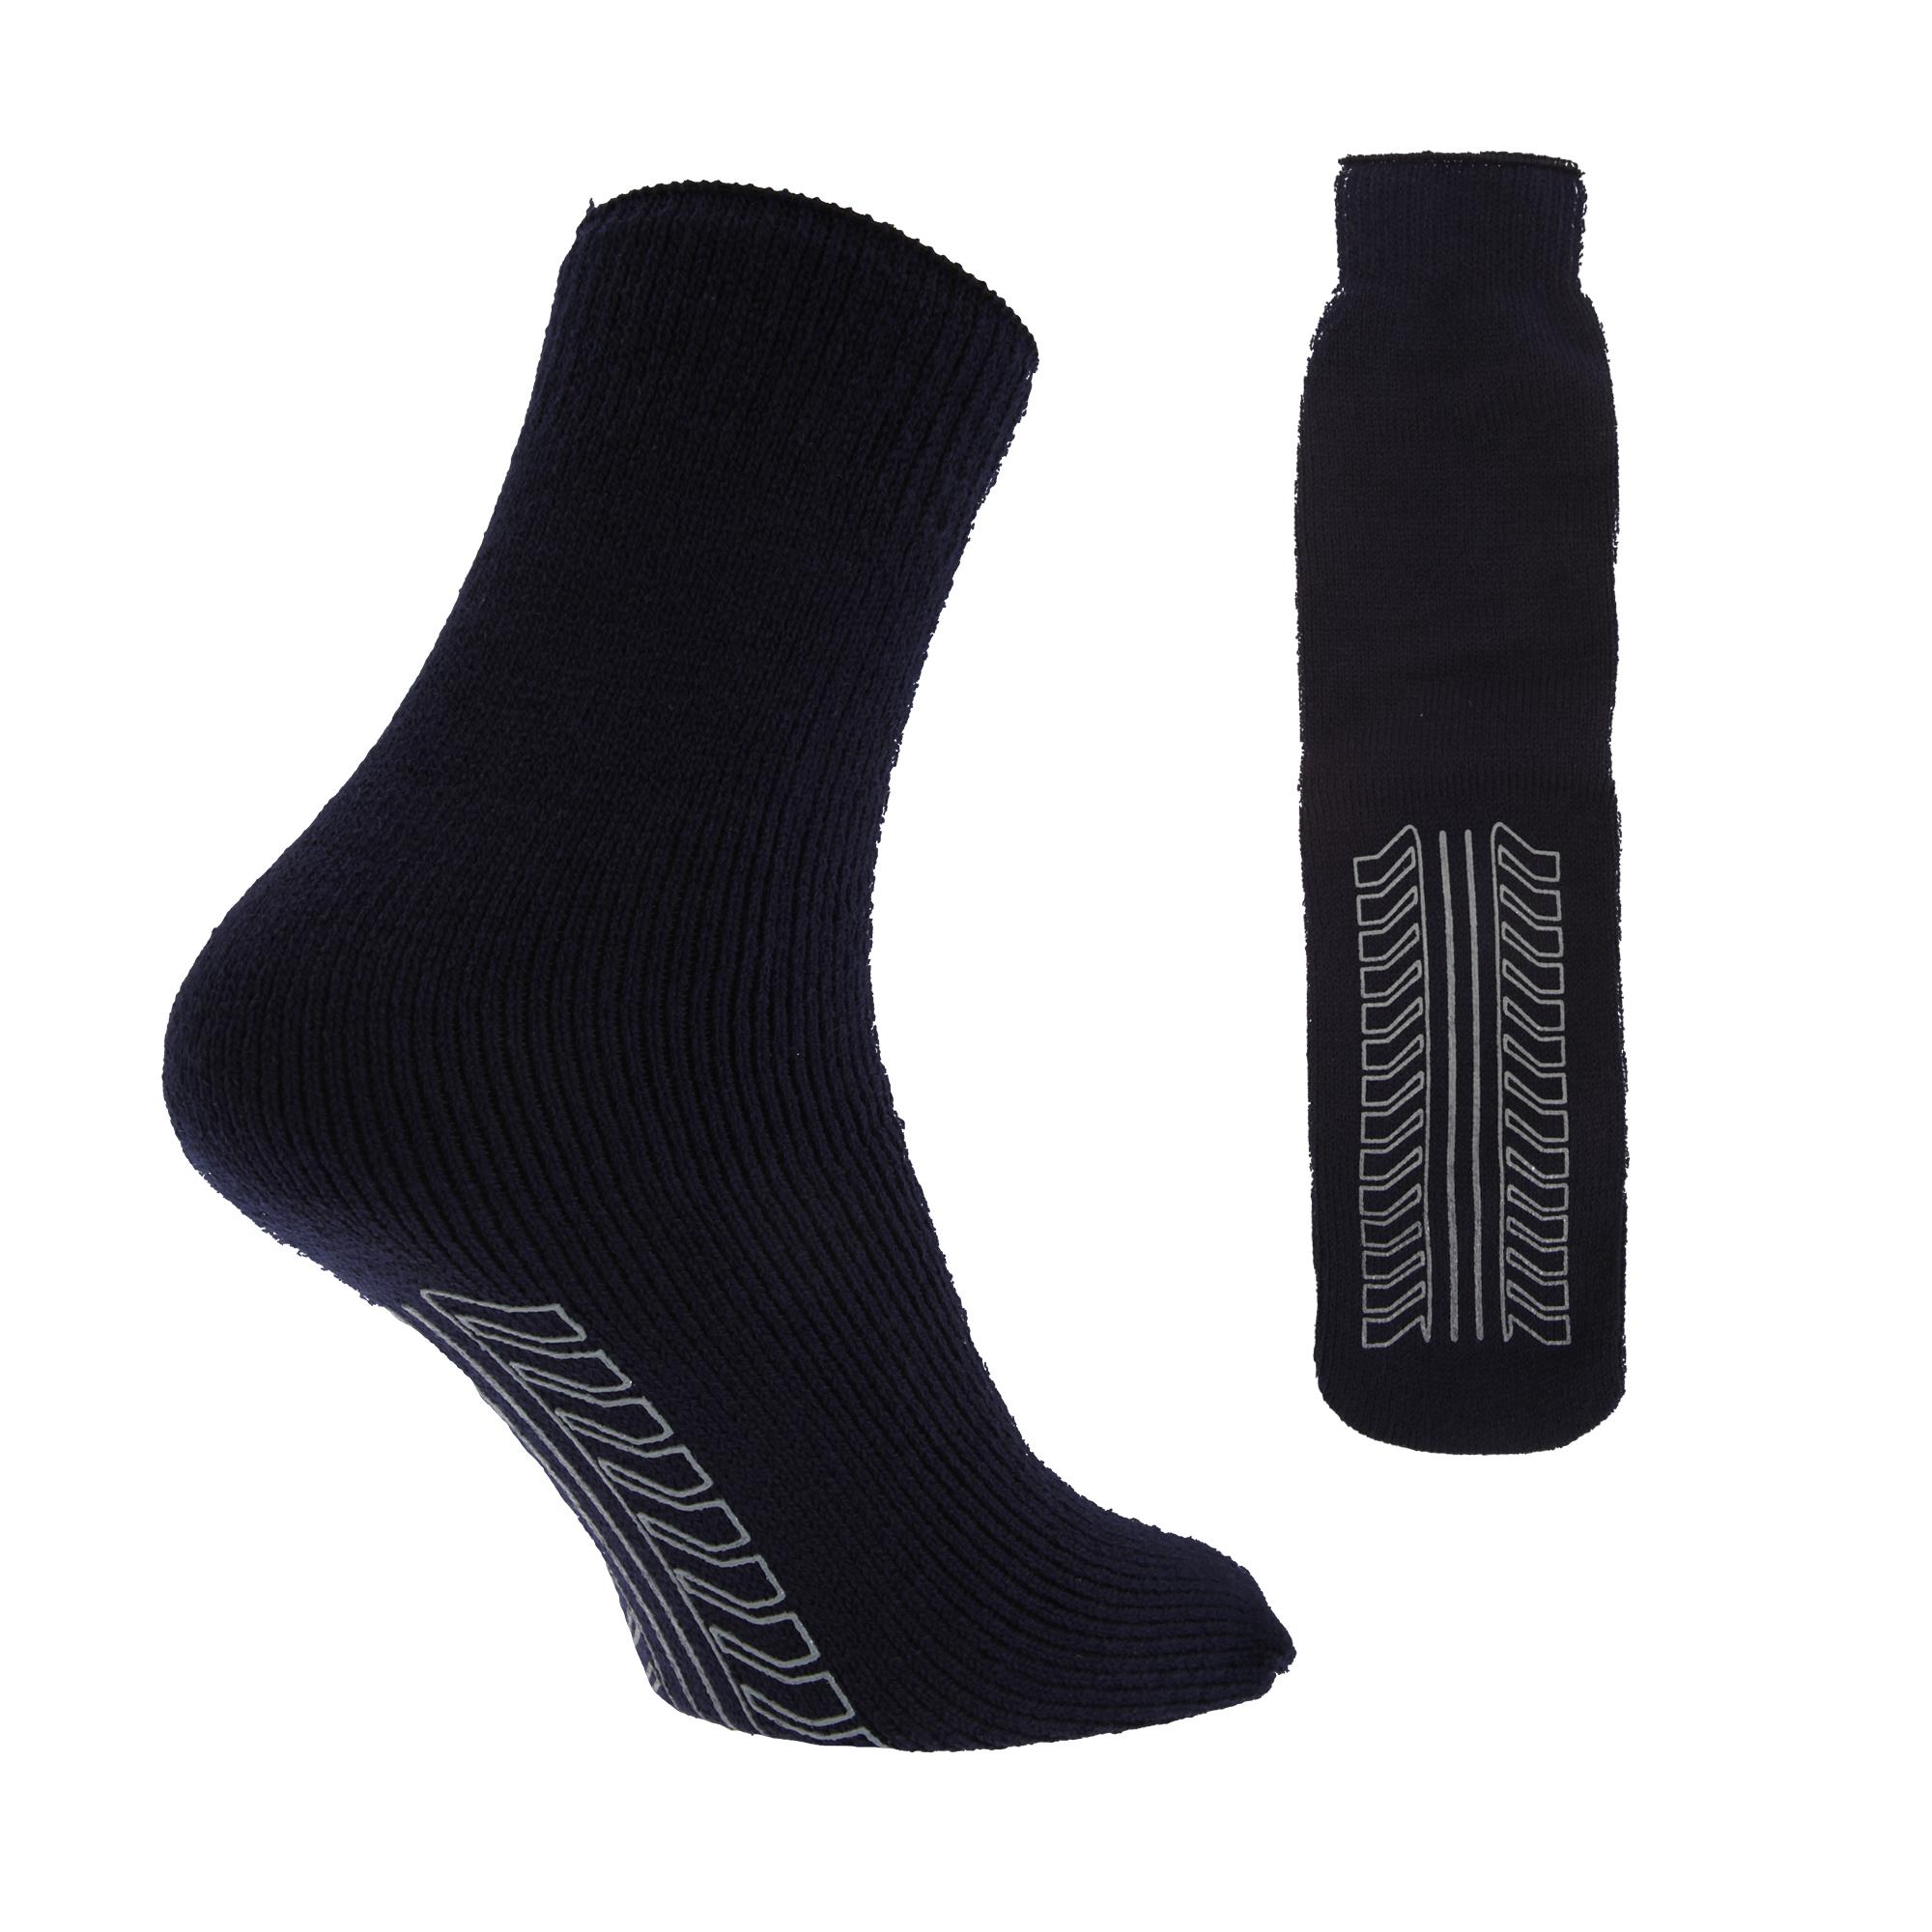 Mens Slipper Socks Shoes